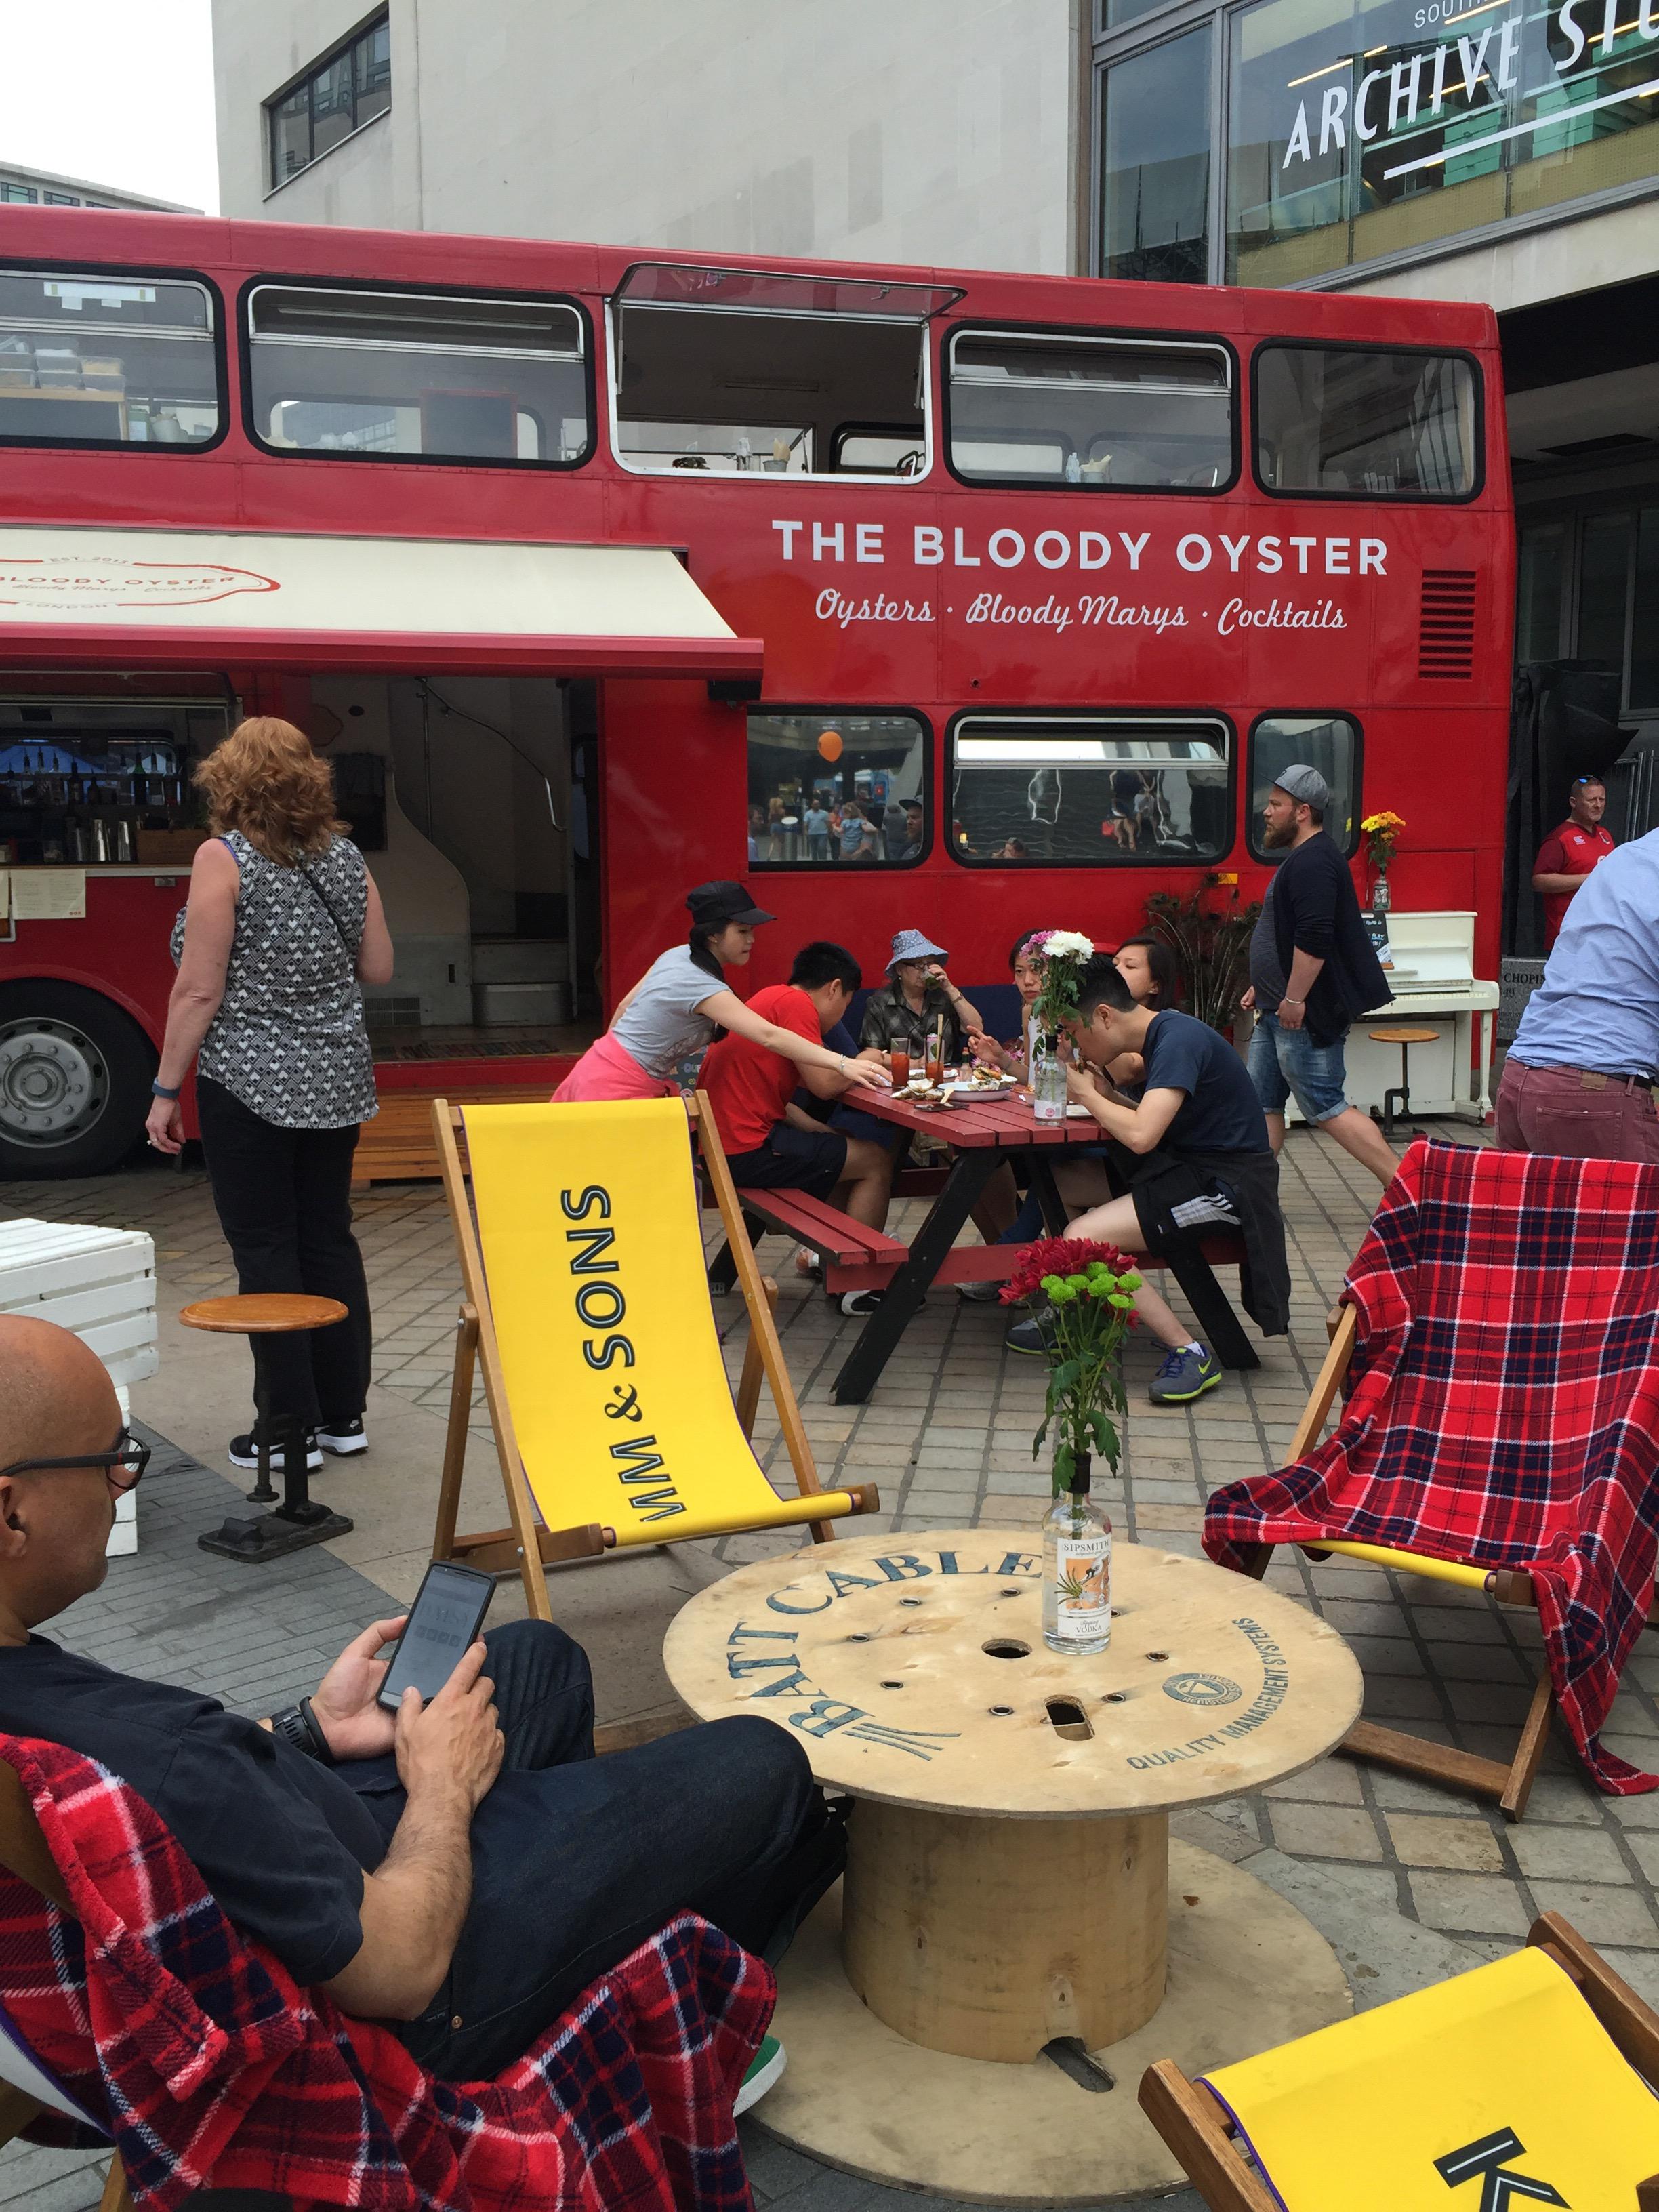 Tror du att Moët & Chandons champagnetruck är den bästa foodtrucken som finns? Fel, fel, fel! I London finns nämligen The Bloody Oyster, med underrubriken *Oysters*Bloody Marys*Cocktails*, en...